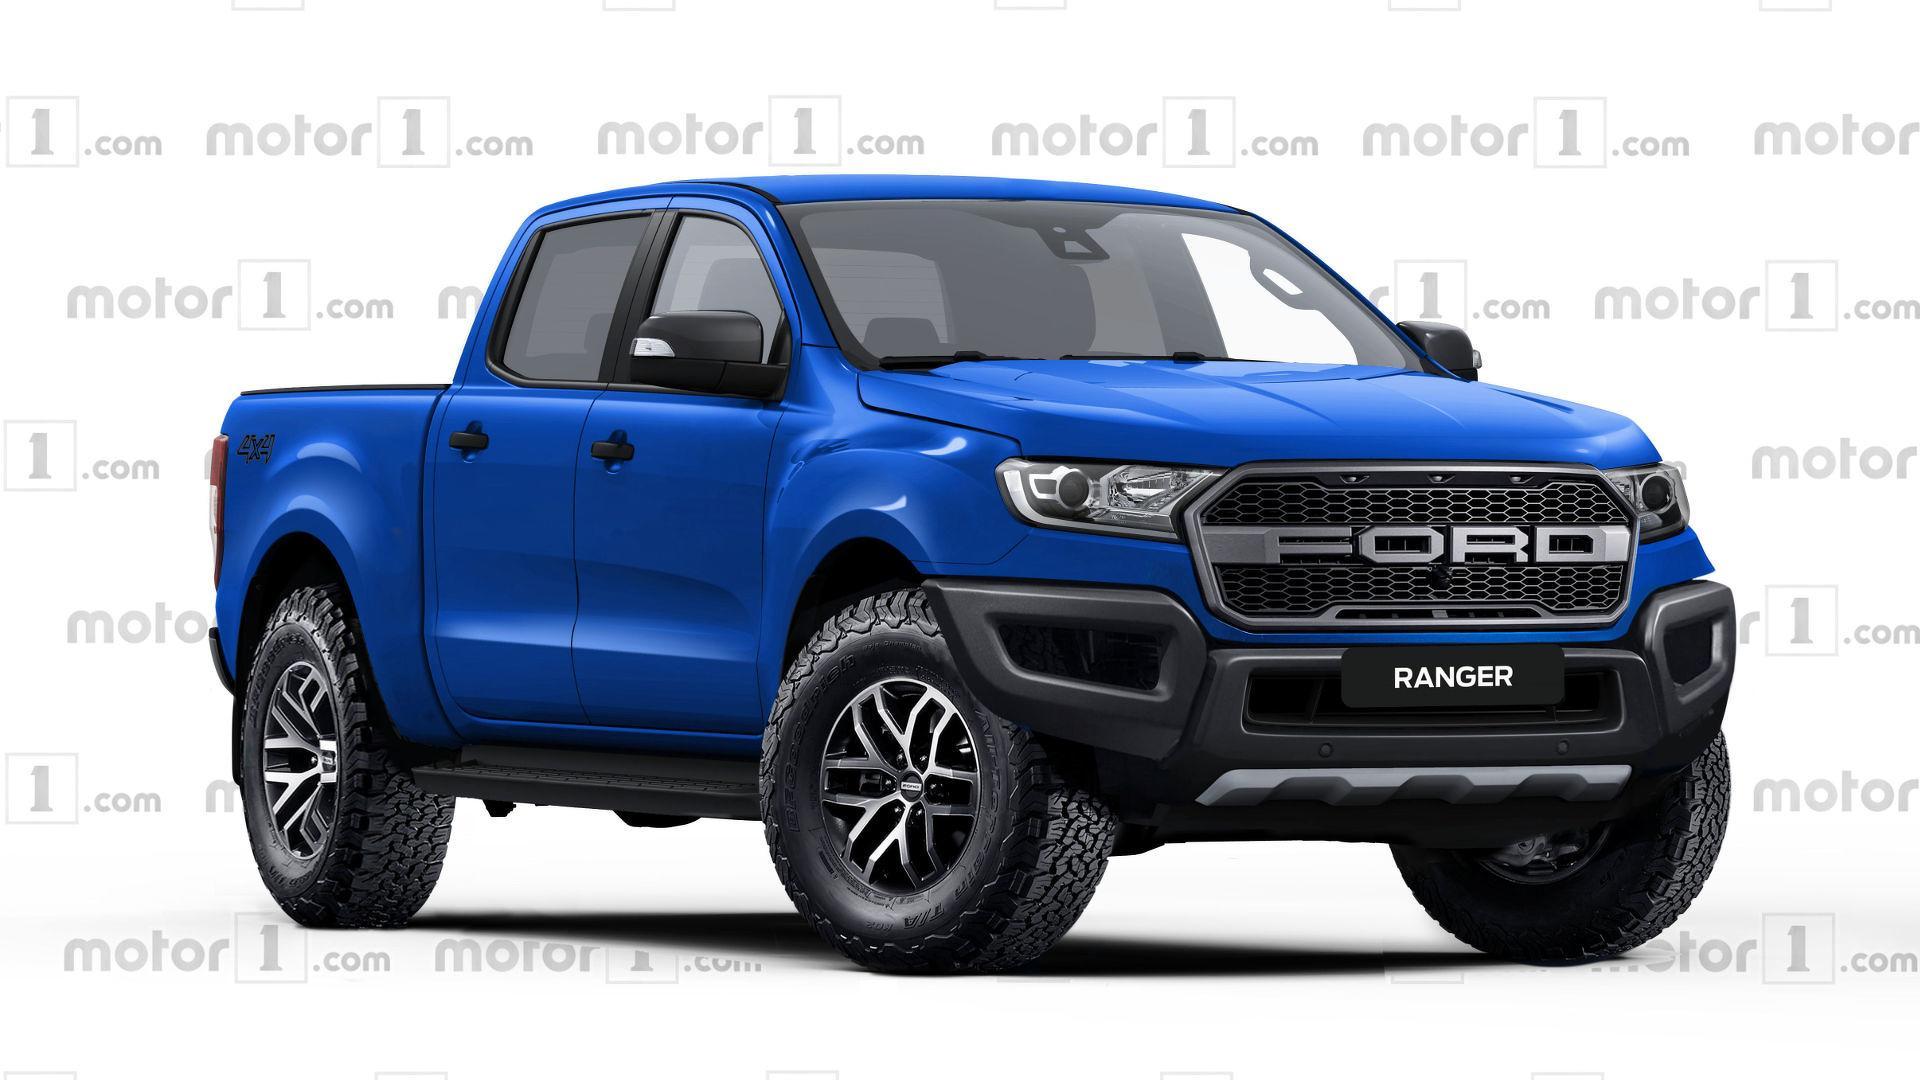 ford ranger 2019 concept. ford ranger 2019 concept i